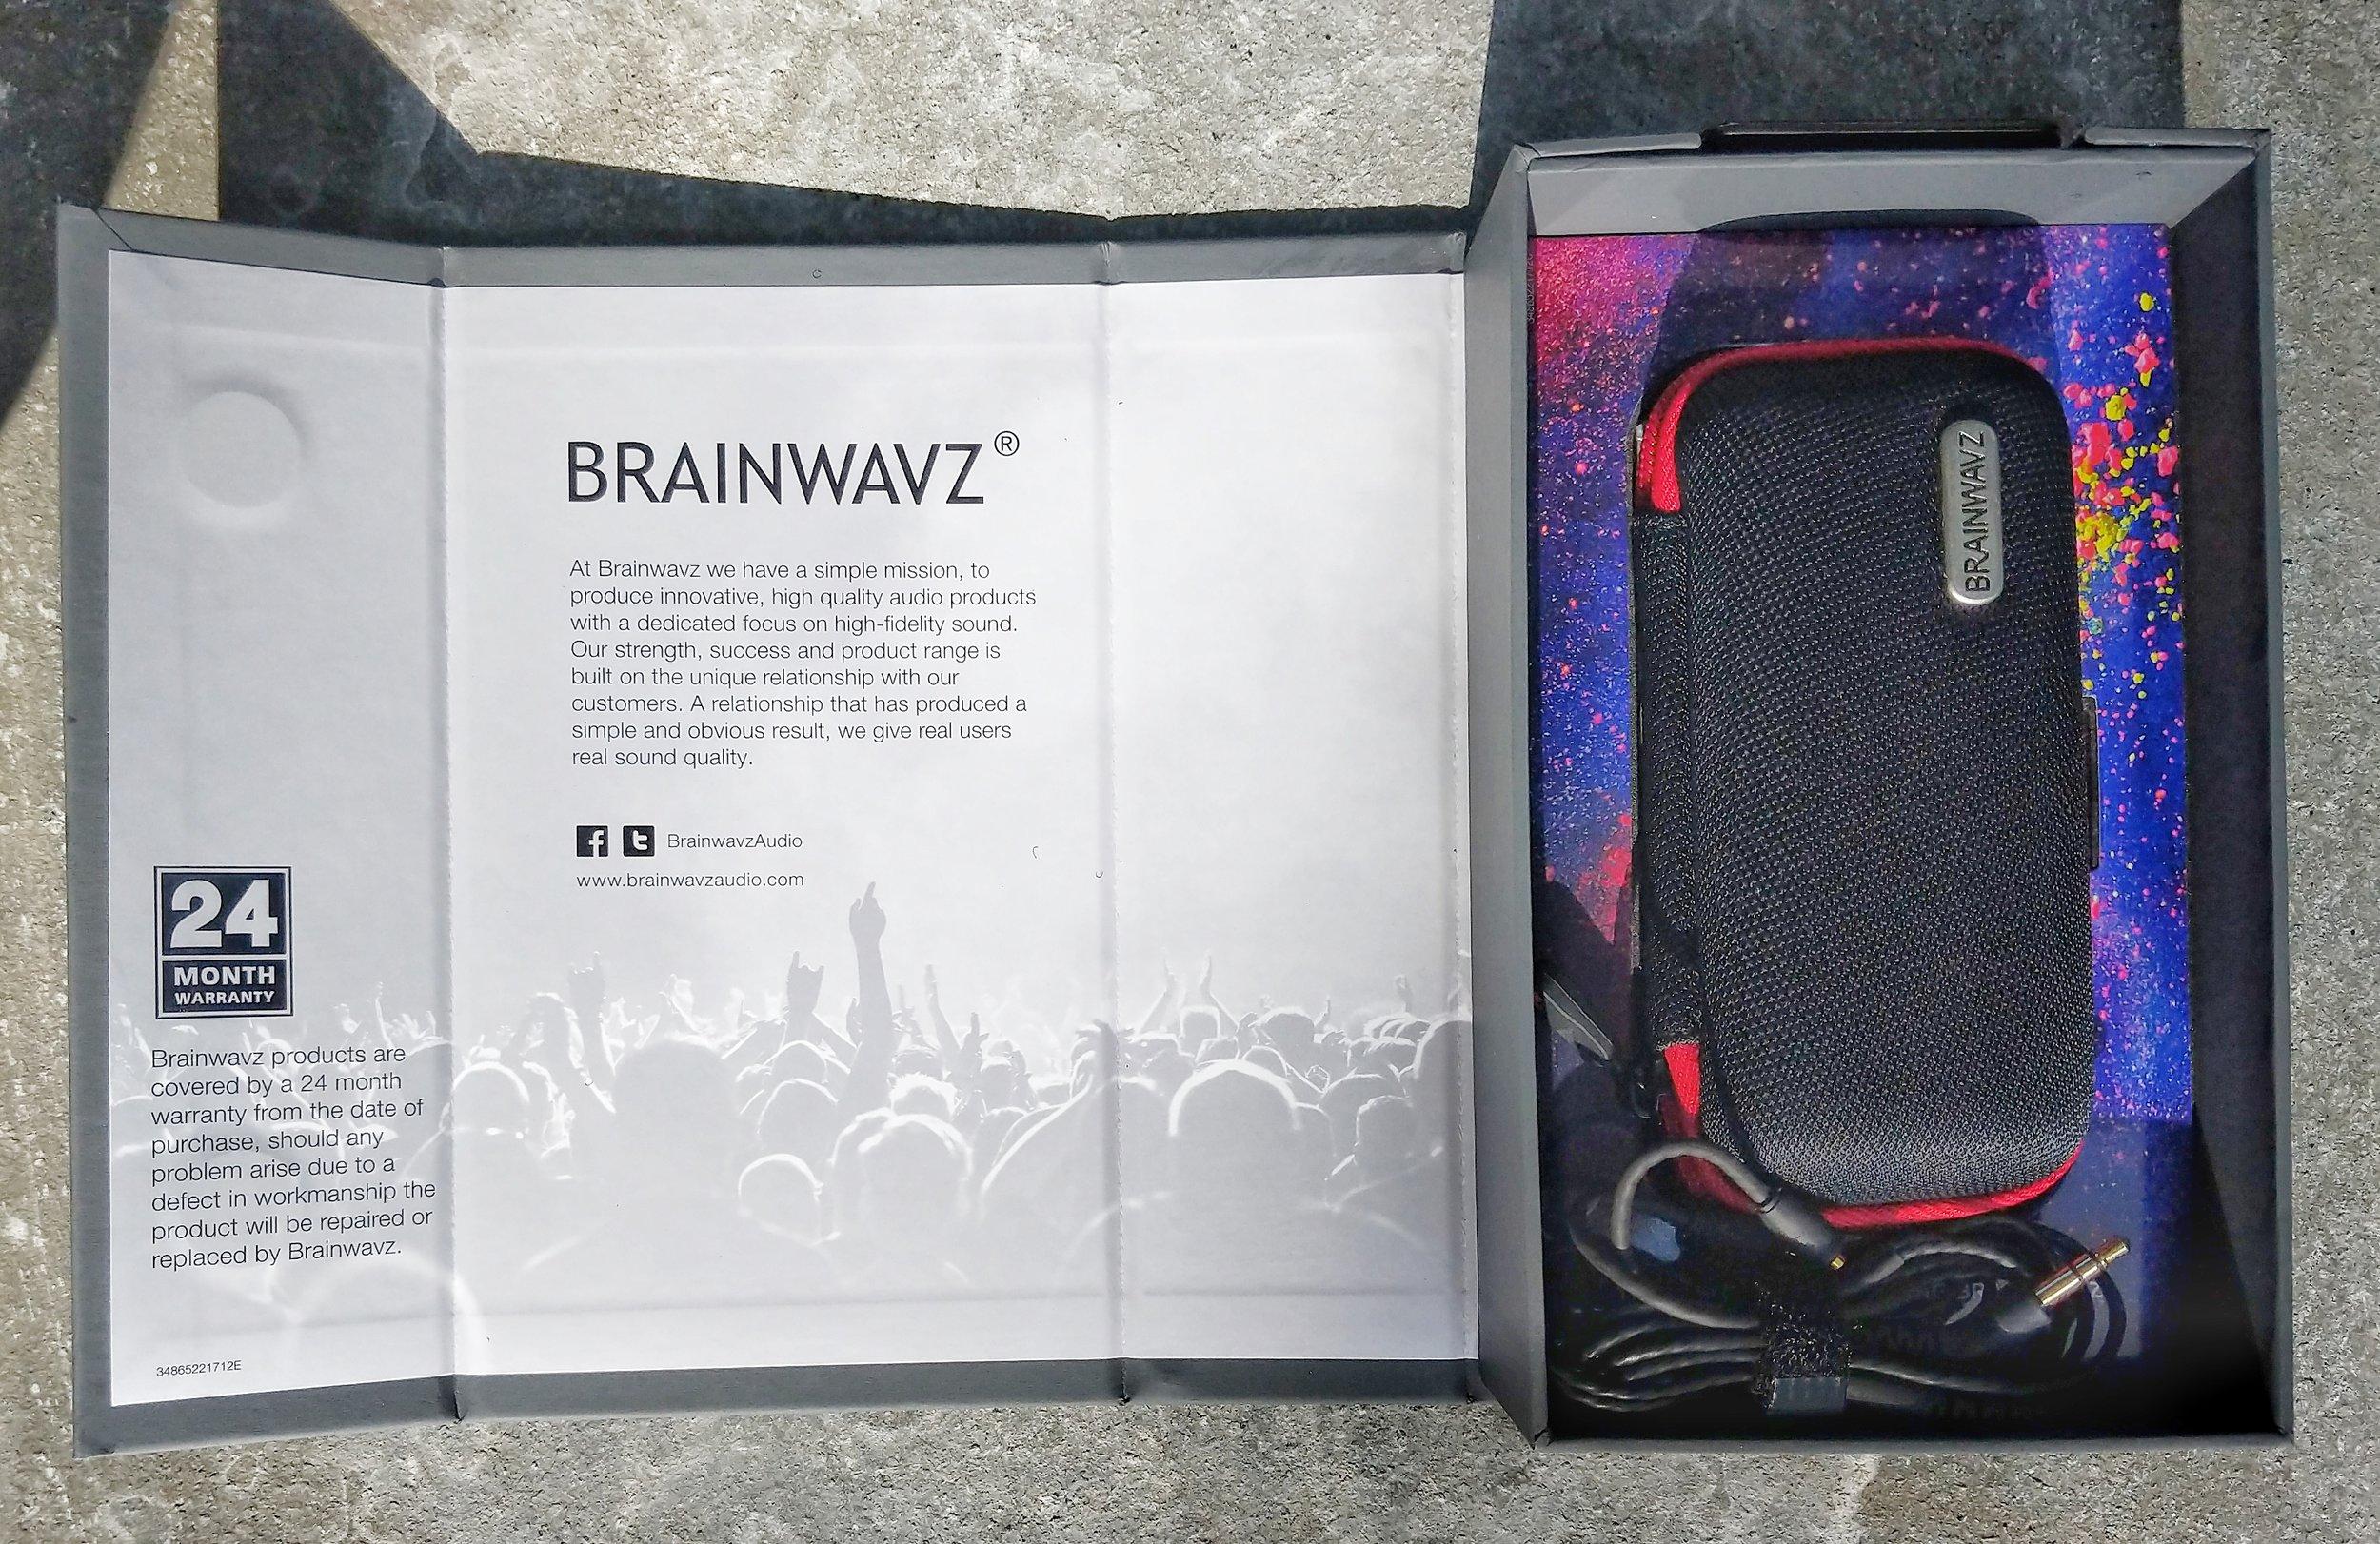 Brainwaves B200 case inside packaging